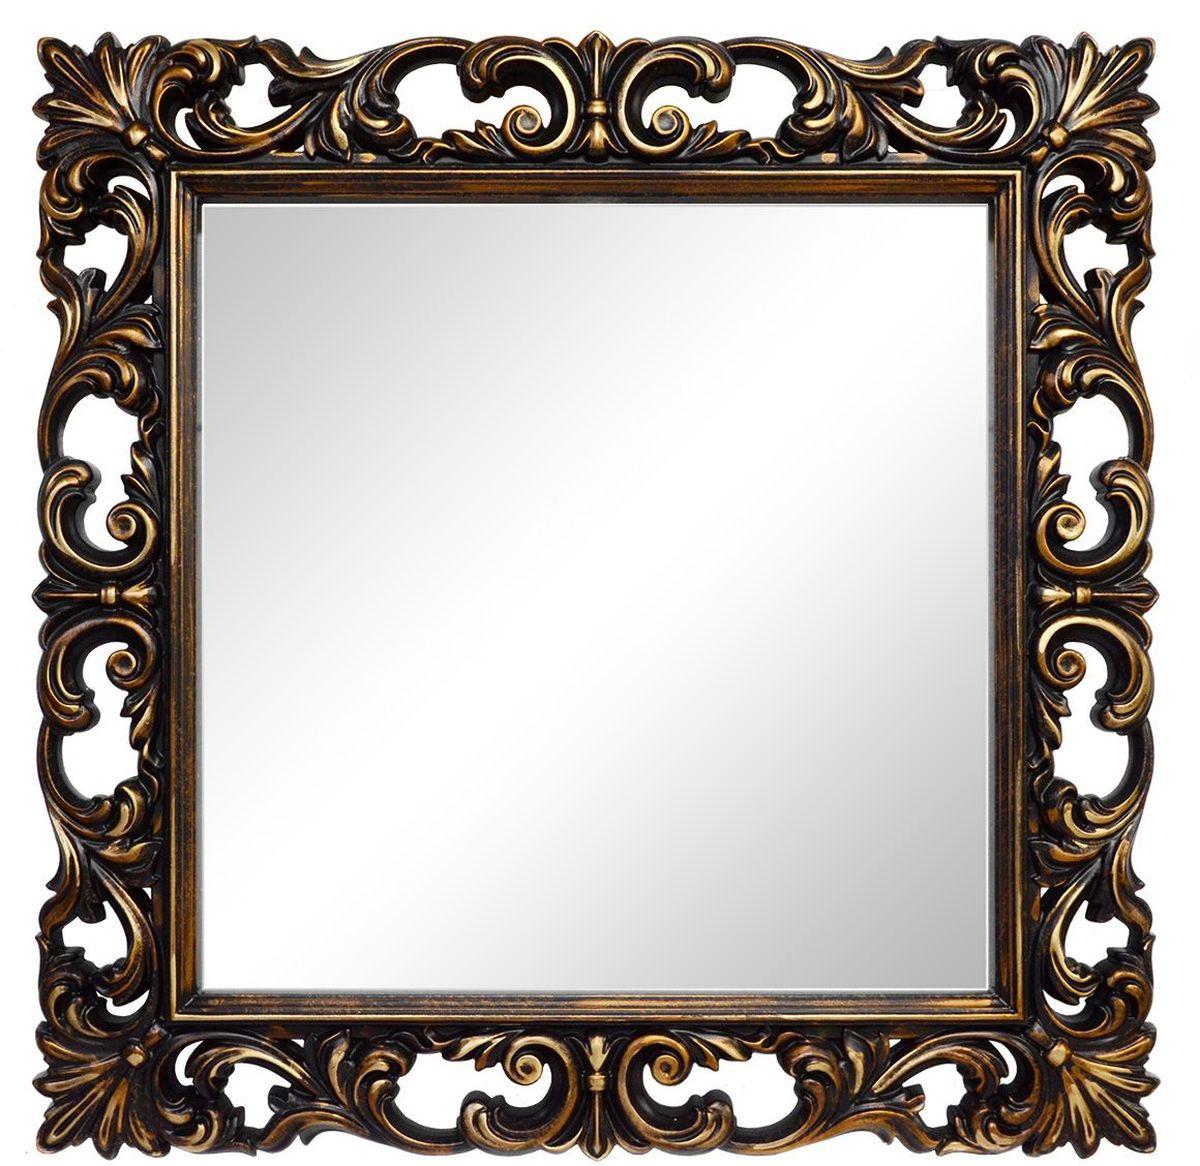 Зеркало VezzoLLi Нованто, цвет: коричневый, 90 х 90 см94672Подвесы в комплекте. Видимый размер зеркала 63х63 см. Ширина обрамления 13,5 см.